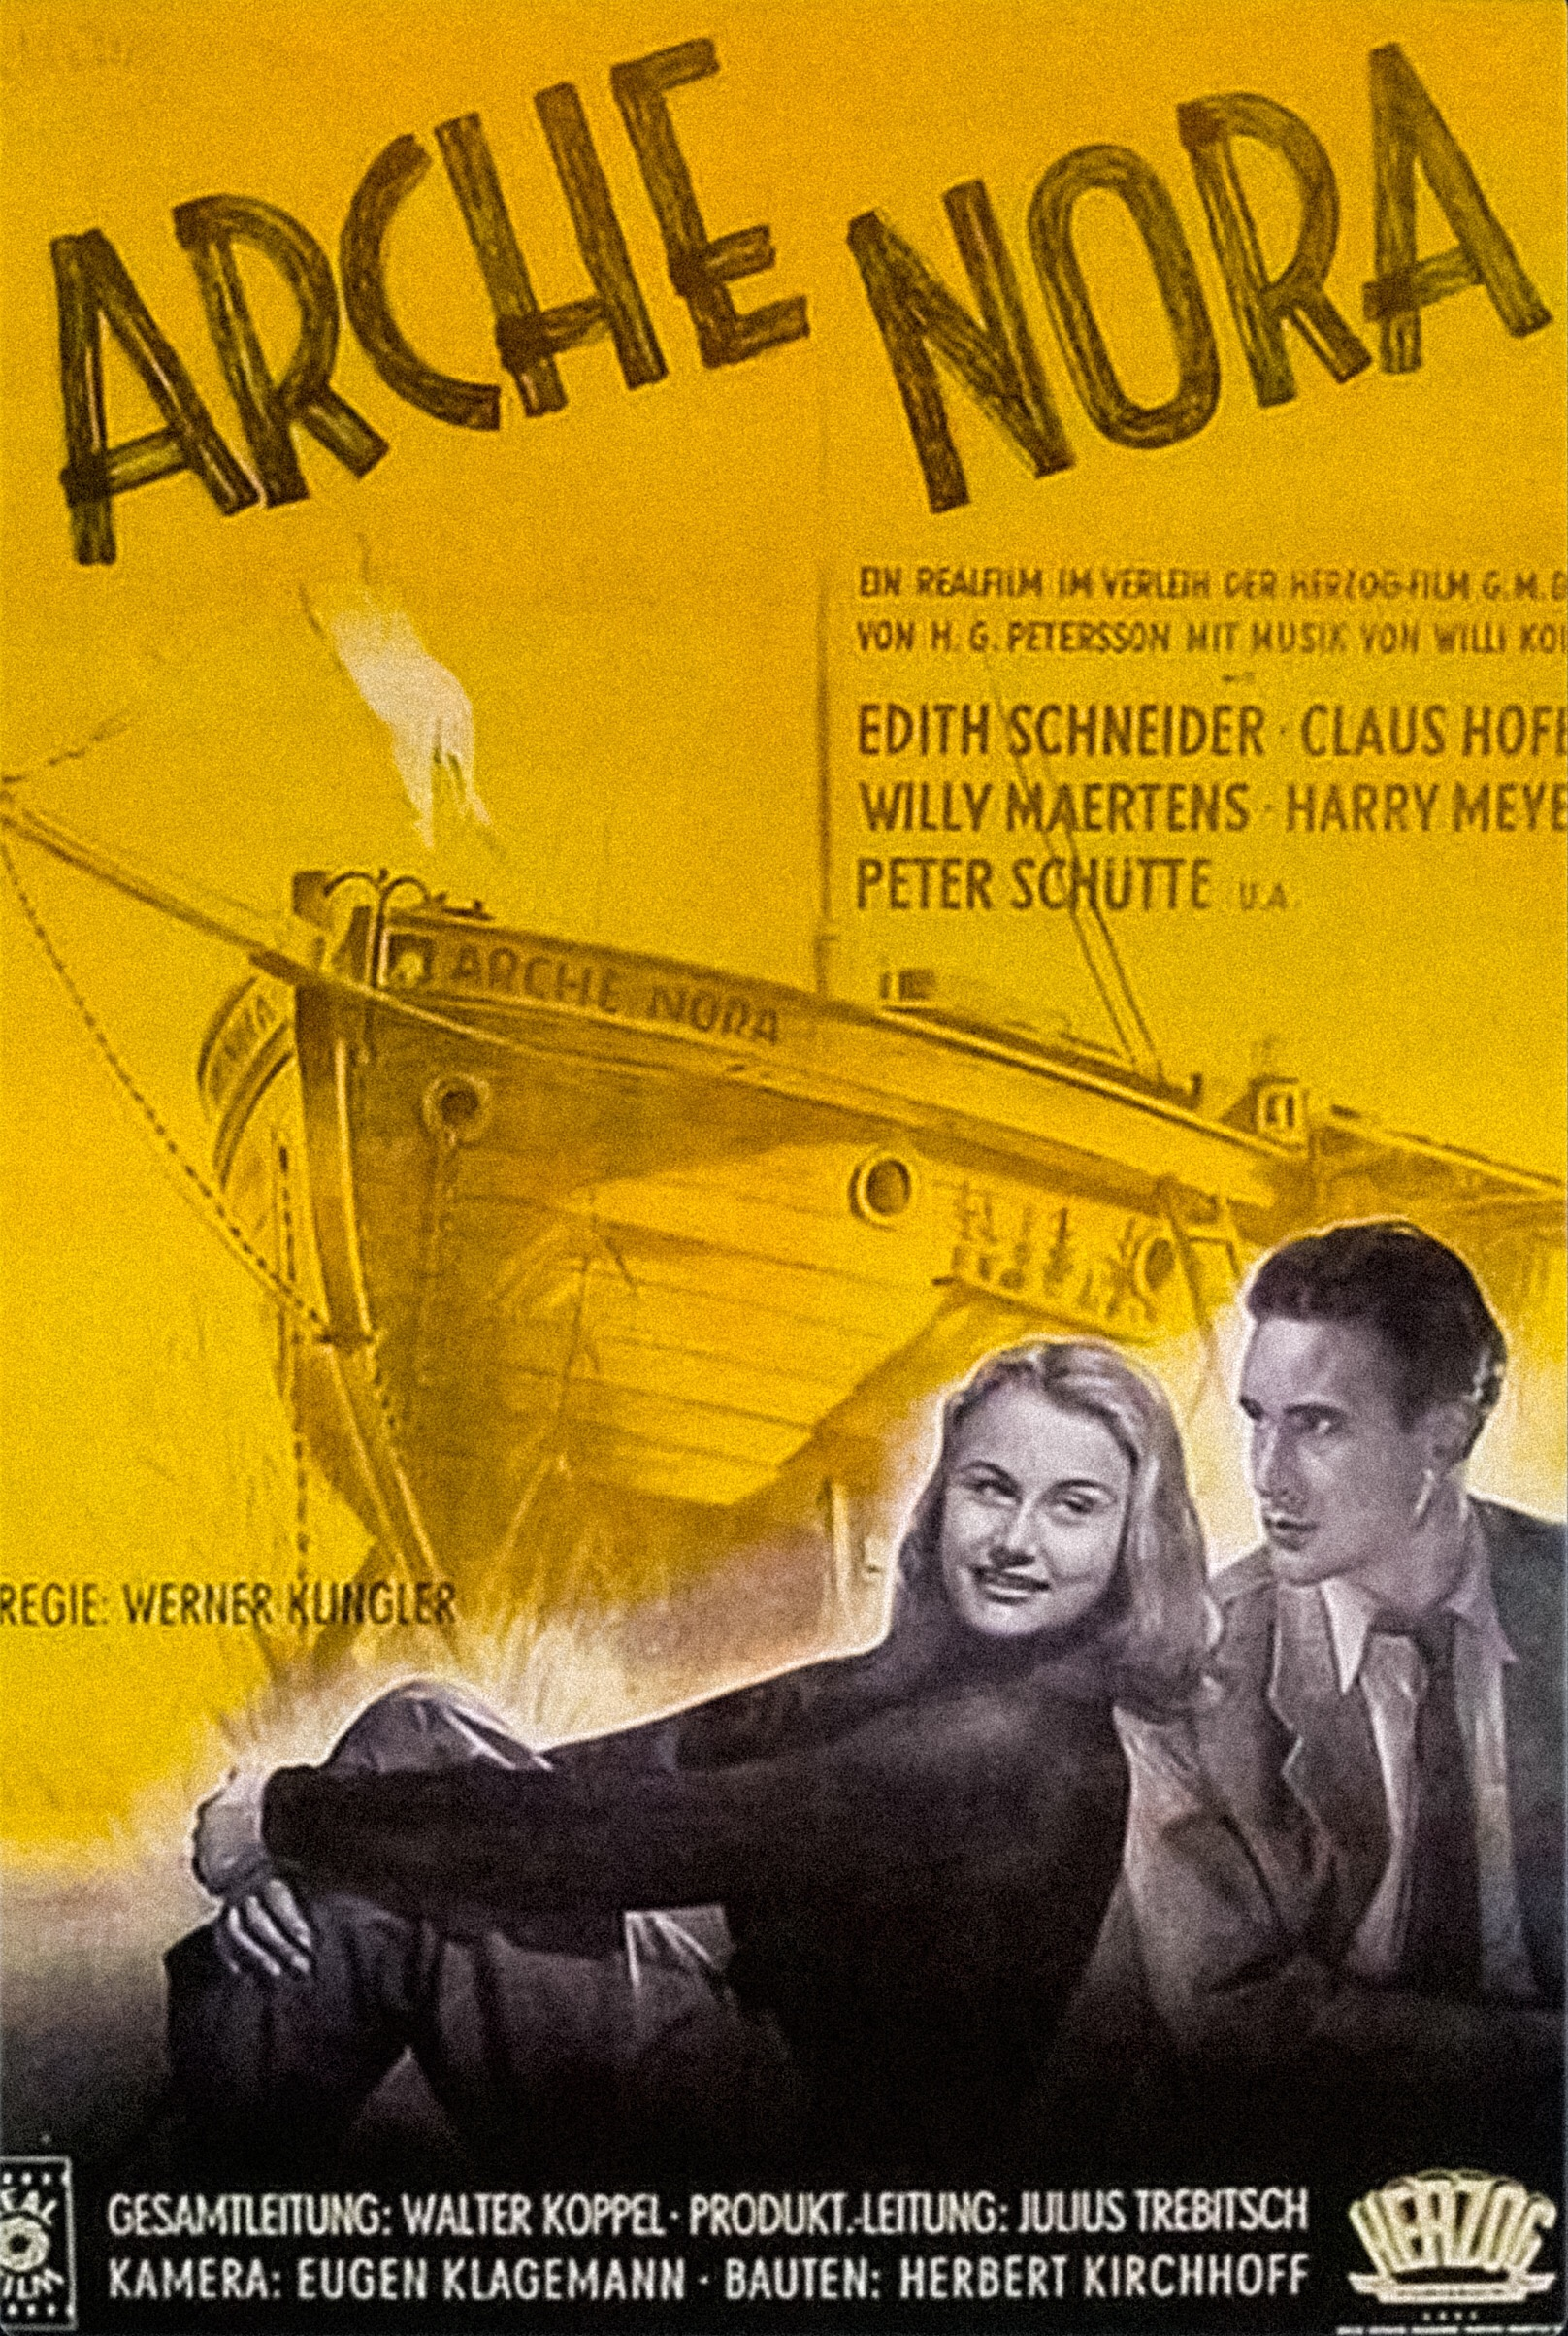 Claus Hofer, Werner Klingler, Willy Maertens, Harry Meyen, Edith Schneider, and Peter Schütte in Arche Nora (1948)